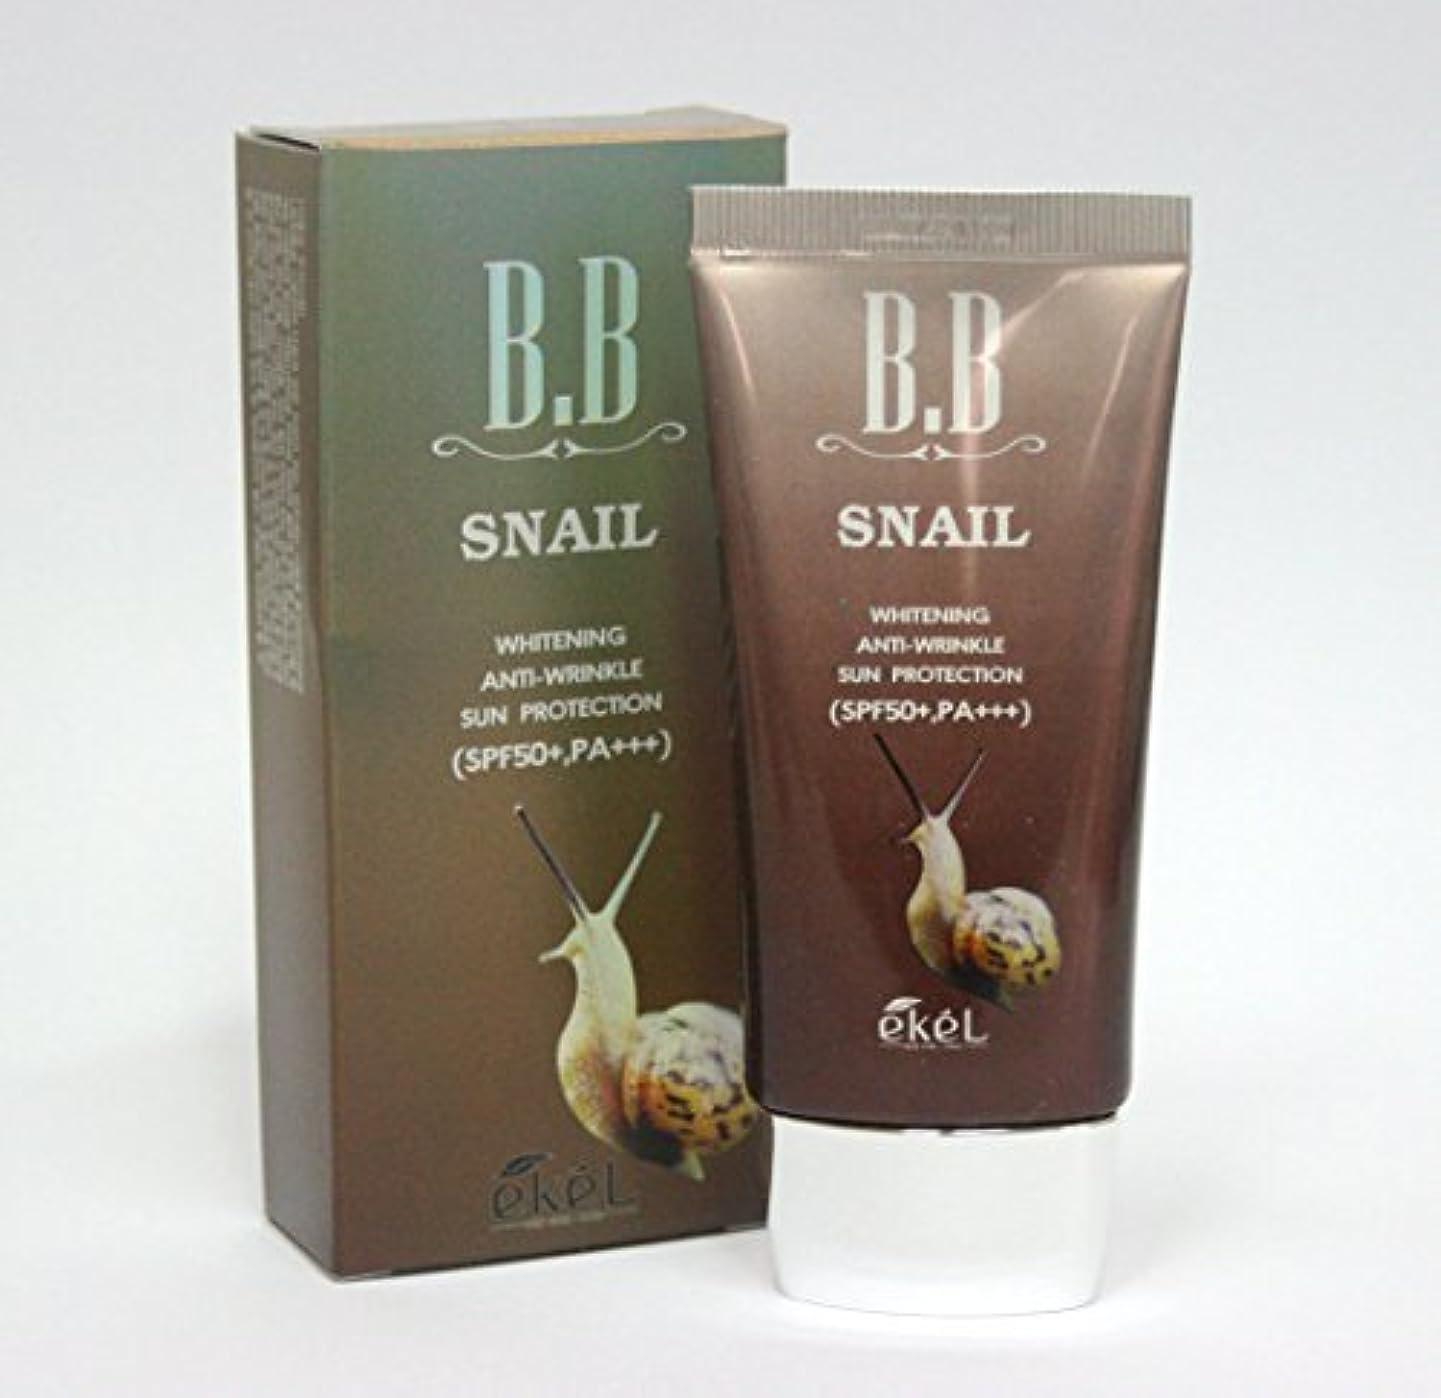 レザー行き当たりばったり代表する[Ekel] カタツムリBBクリーム50ml / ホワイトニング , SPF50 + PA +++ / 韓国化粧品 / Snail BB Cream 50ml / Whitening, SPF50+ PA+++ / Korea Cosmetics [並行輸入品]